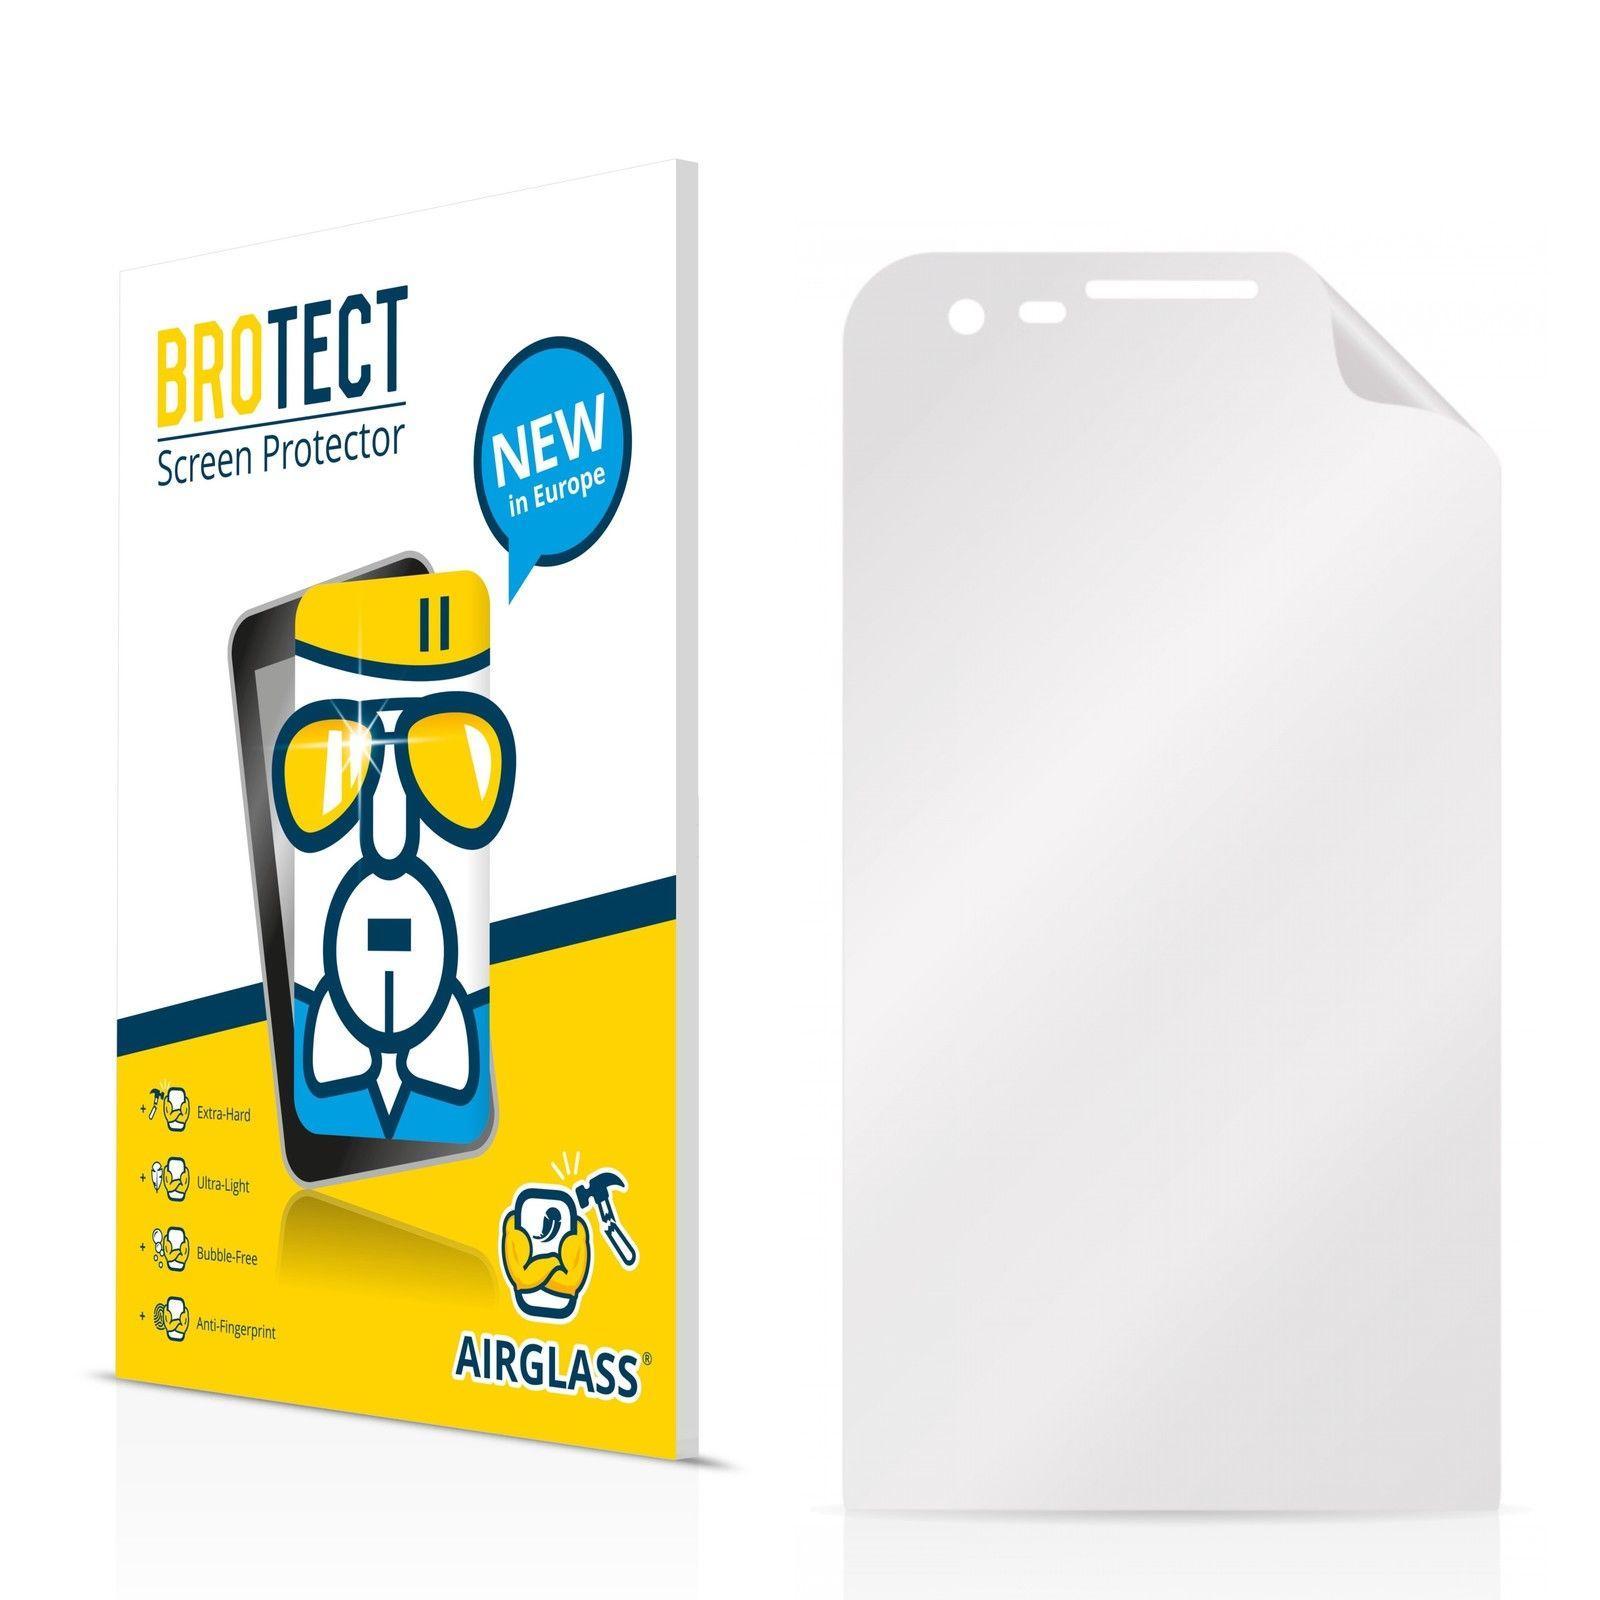 Extra tvrzená ochranná fólie (tvrzené sklo) AirGlass Brotec na LCD pro Prestigio MultiPhone 4040 DUO